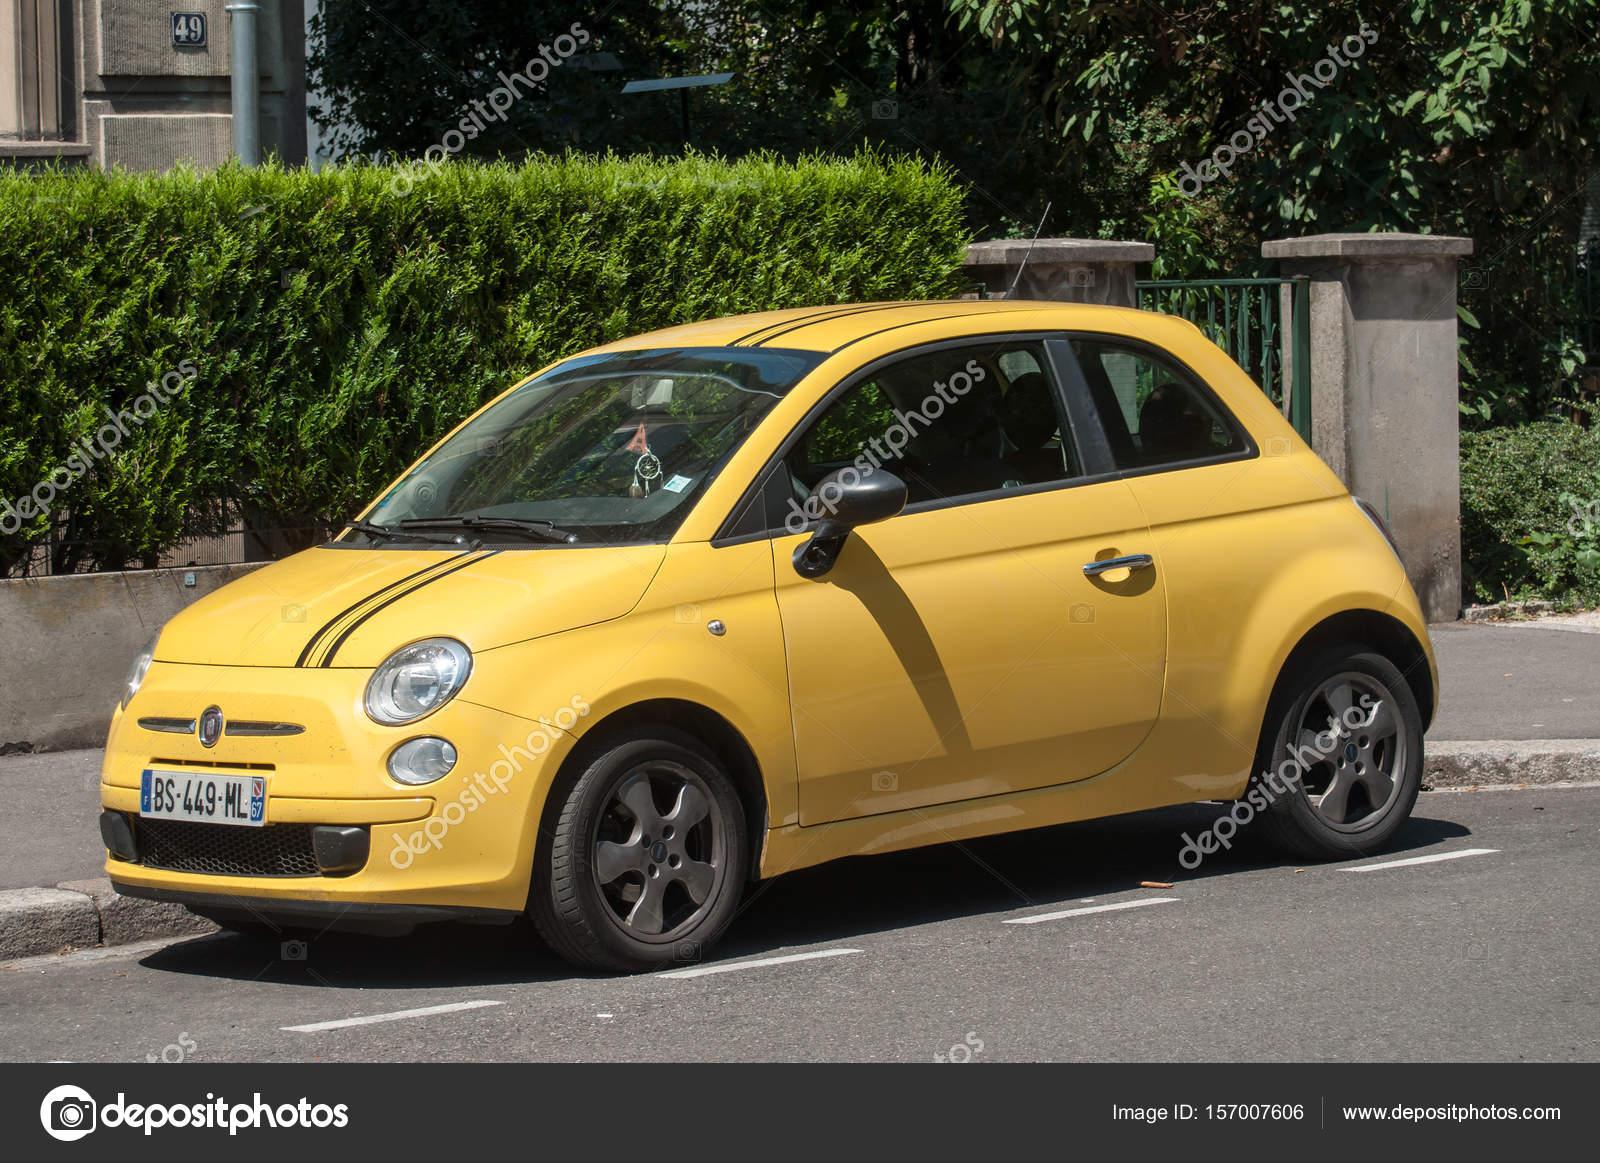 W superbly Fiat 500 żółty kolor zaparkowany na ulicy - Zdjęcie stockowe VK91